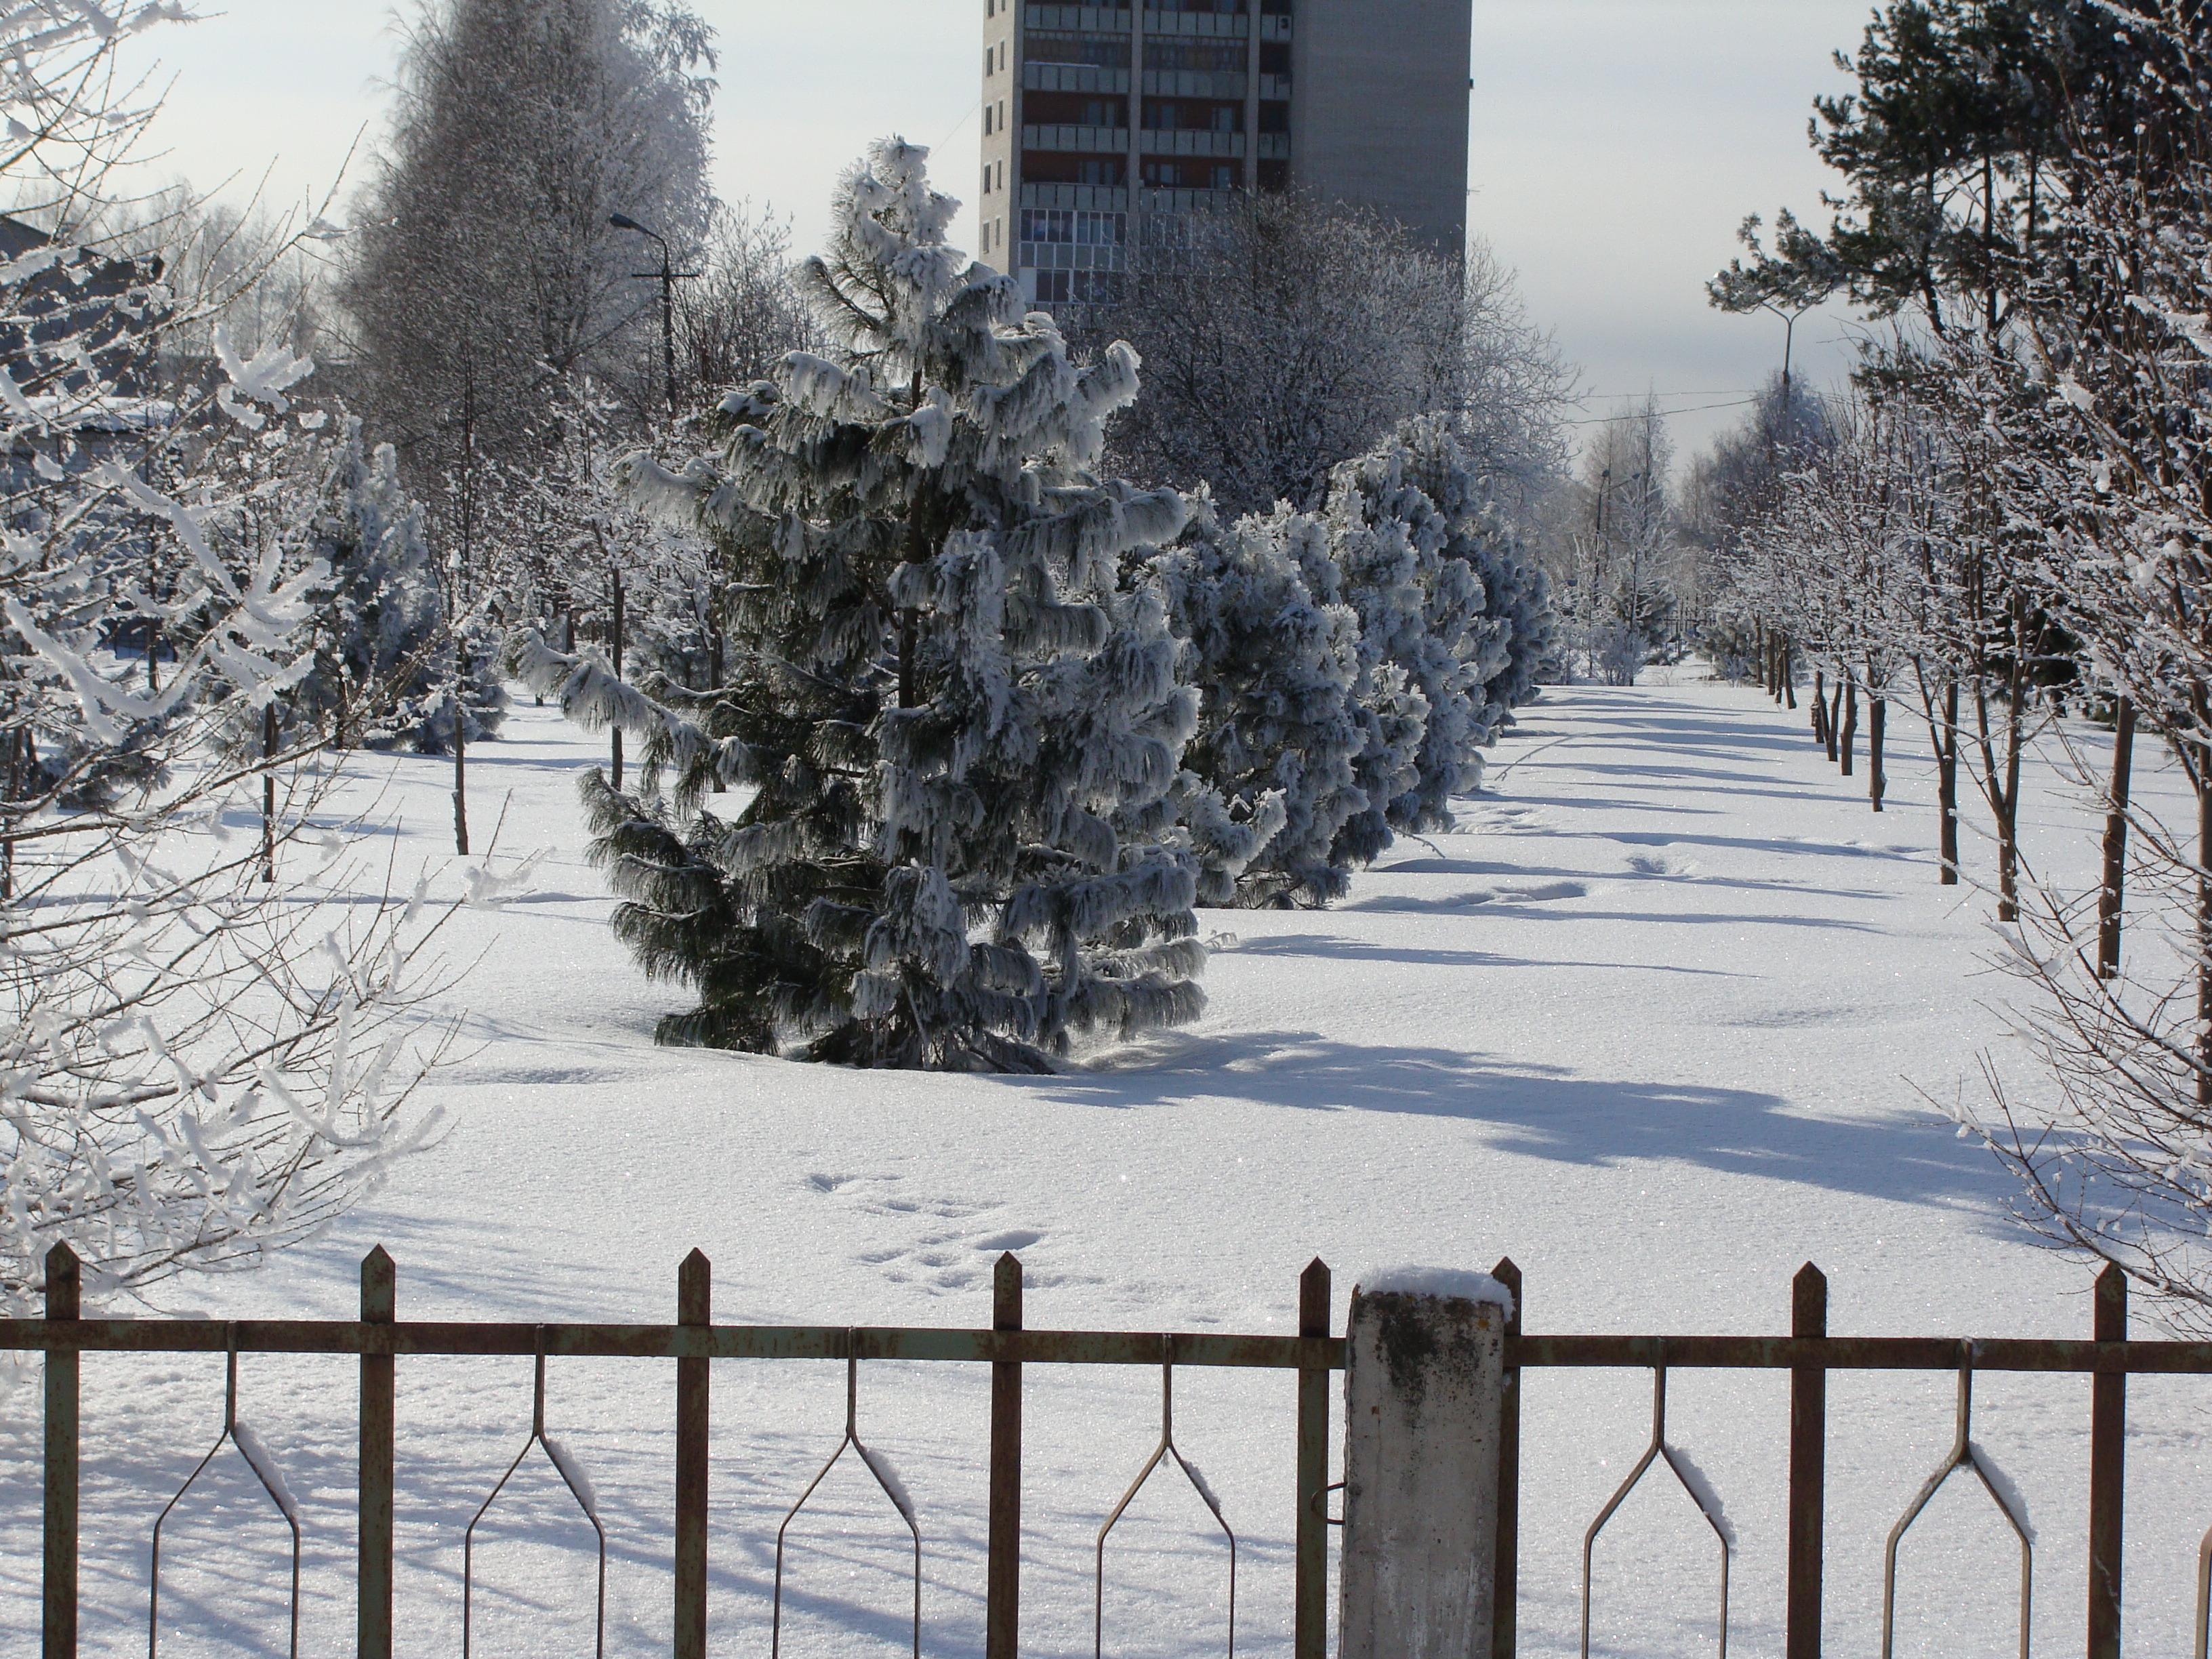 фото коряжмы зимой получилась весьма откровенной